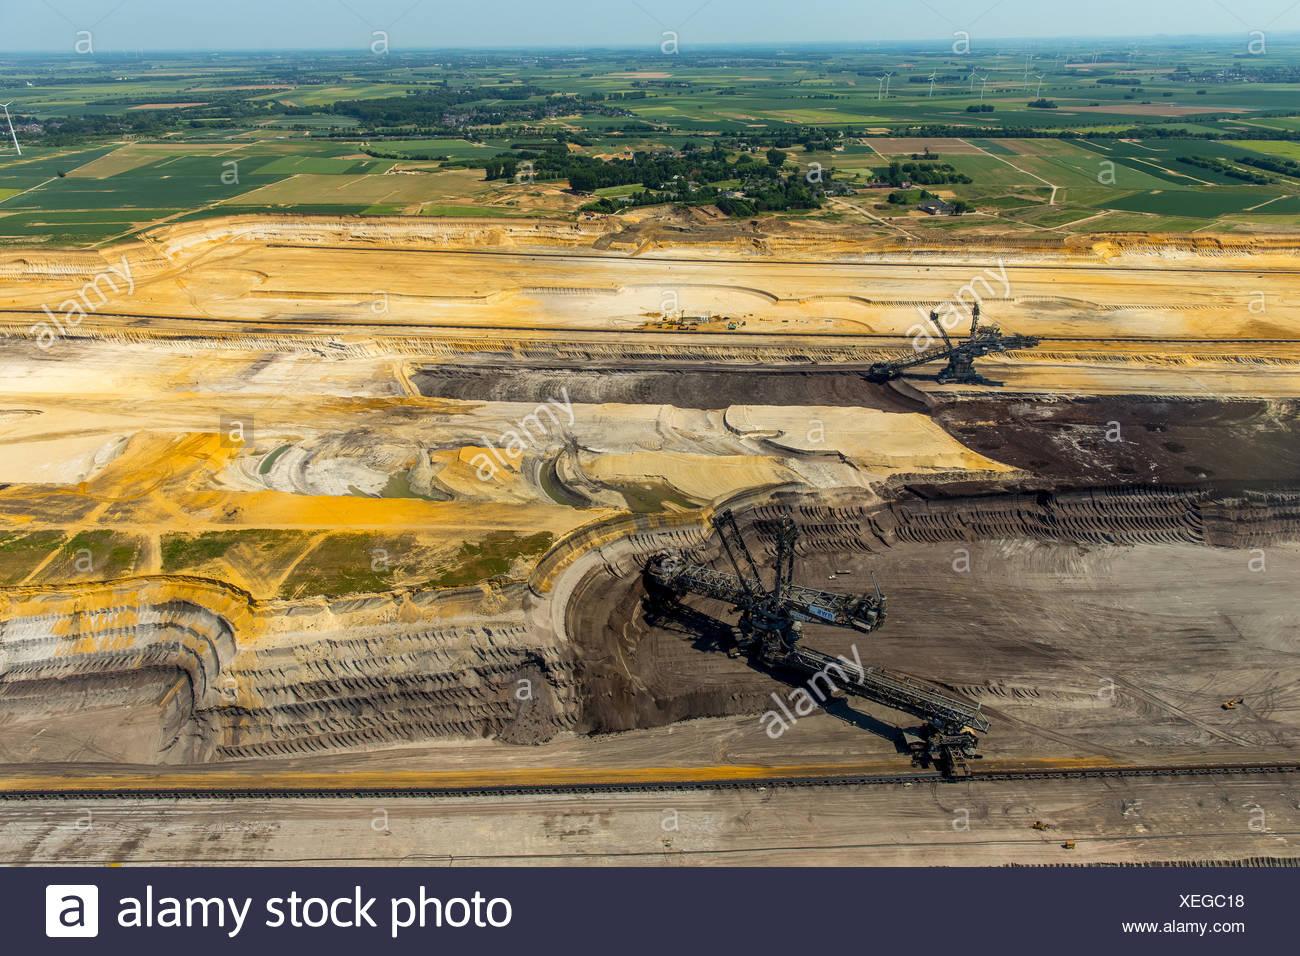 Bucket-wheel excavators, Garzweiler lignite mining, near Jüchen, Erkelenz, North Rhine-Westphalia, Germany - Stock Image